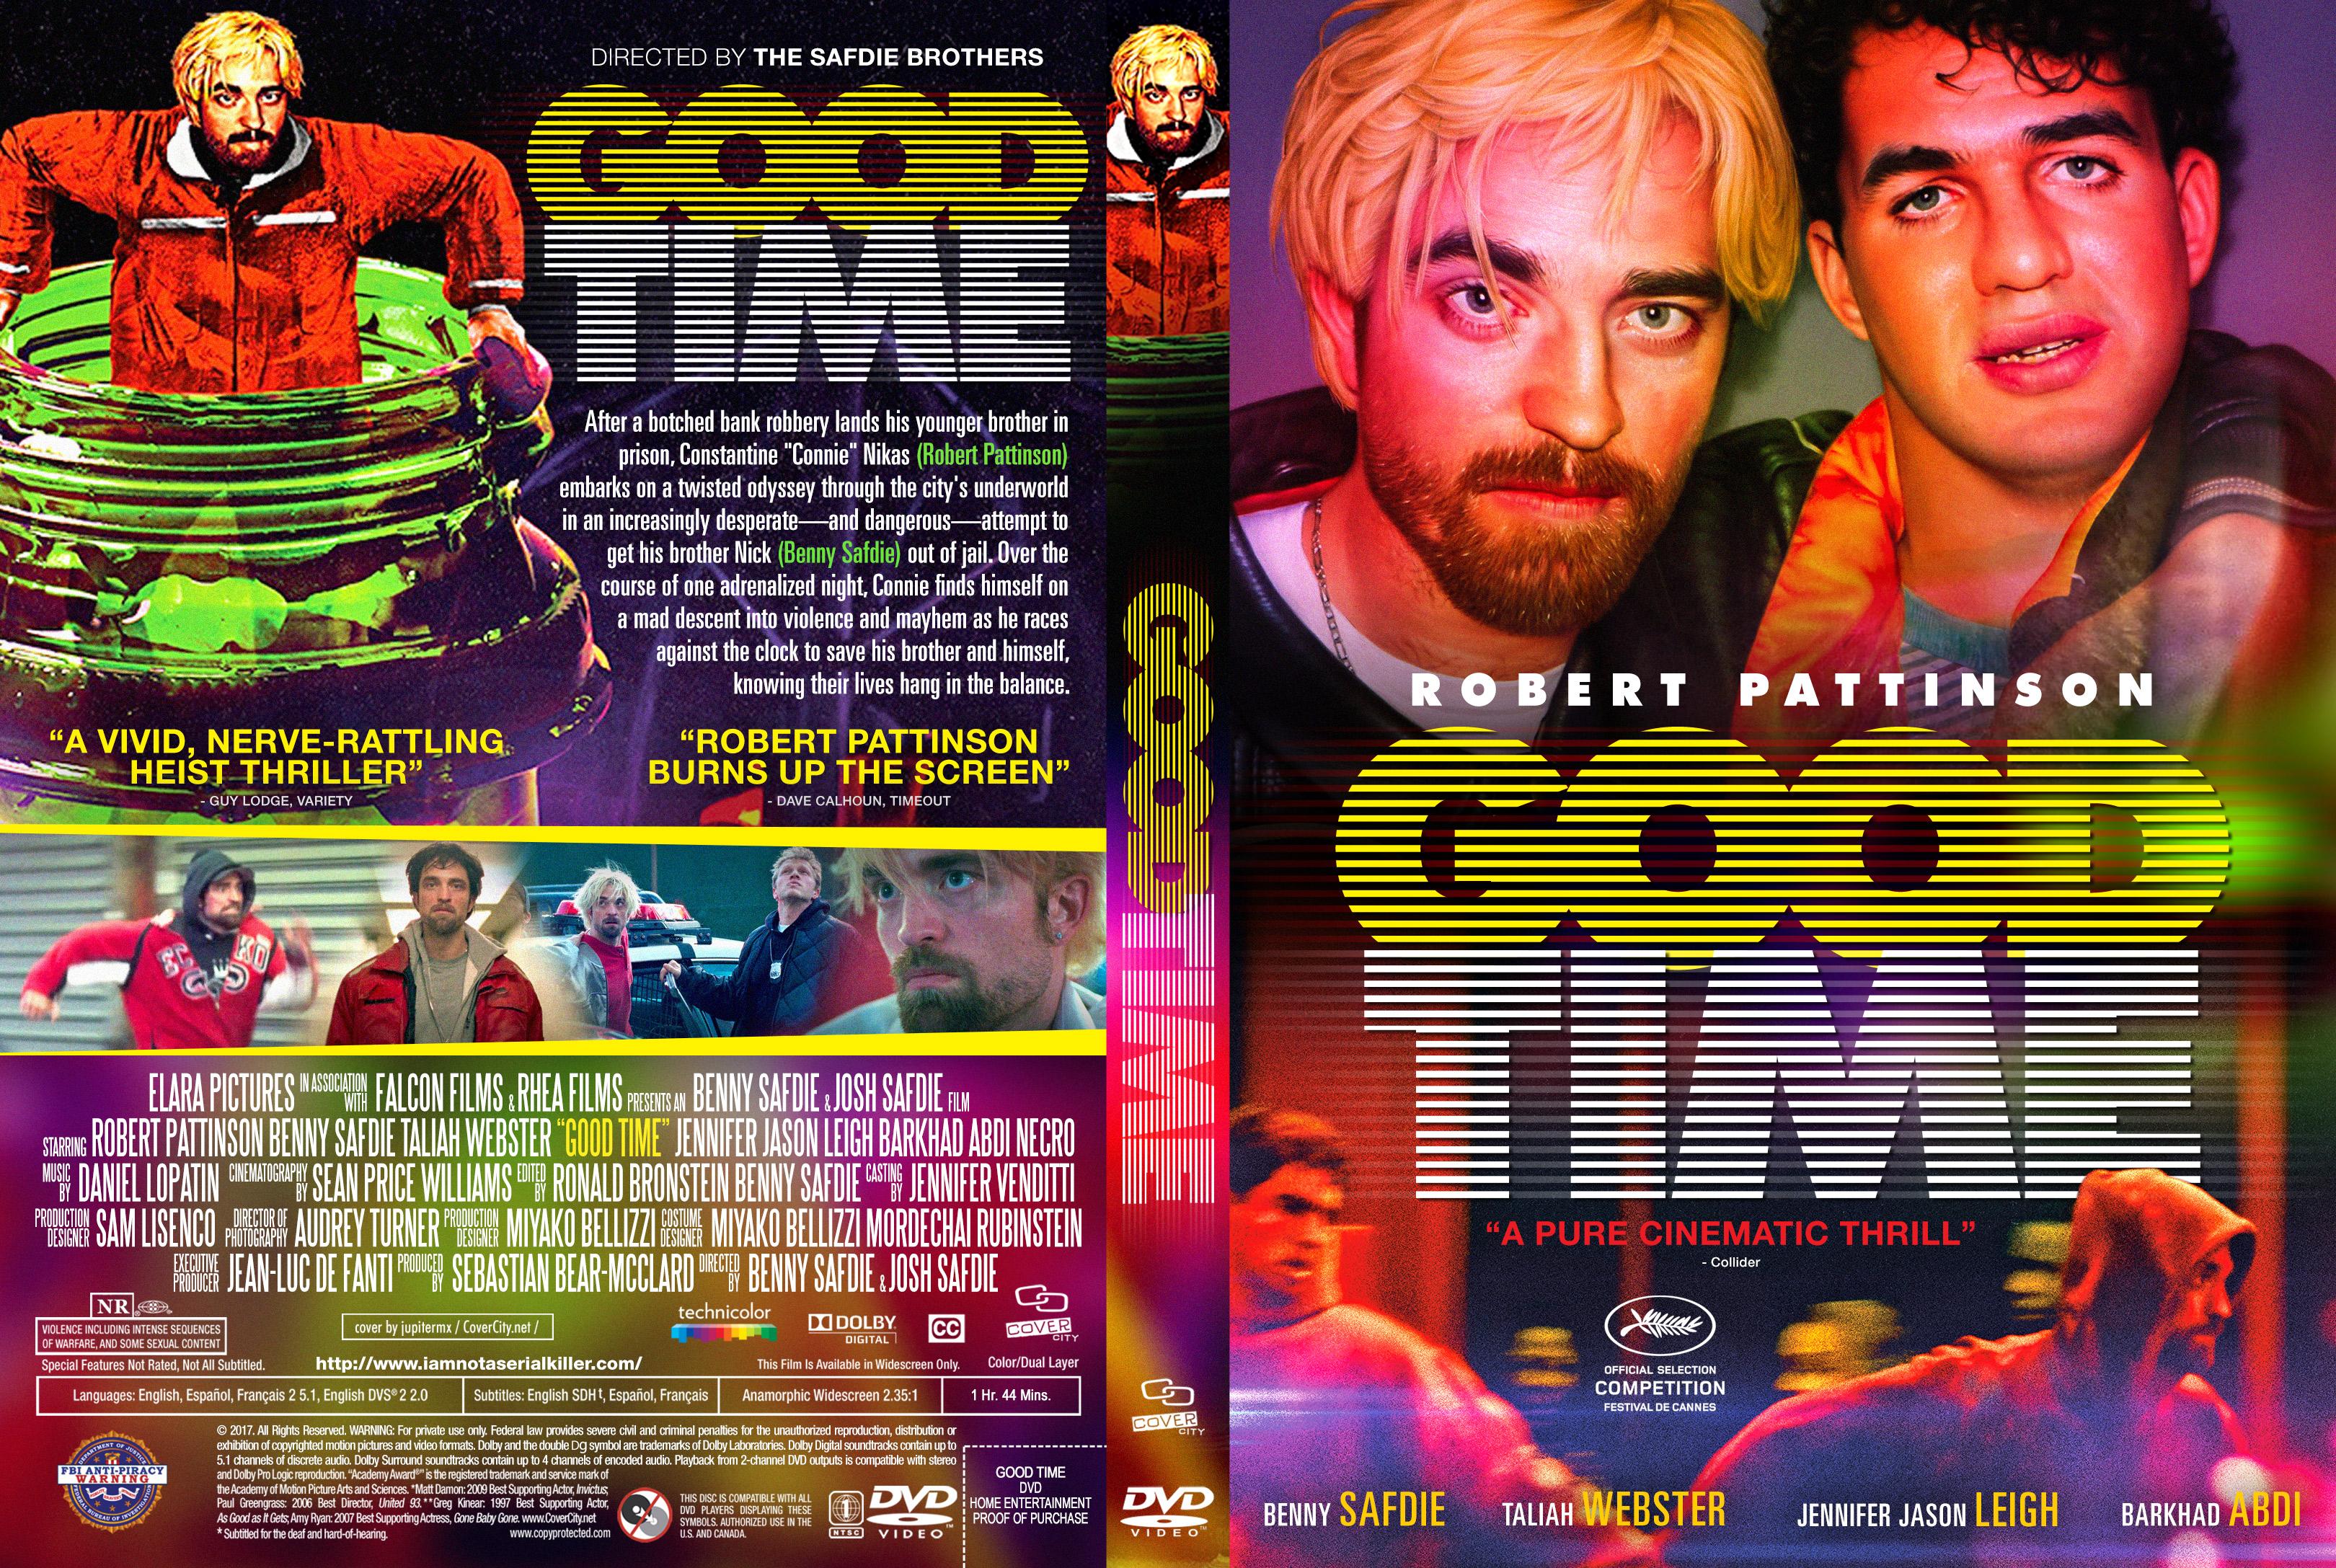 image Good time with the hun